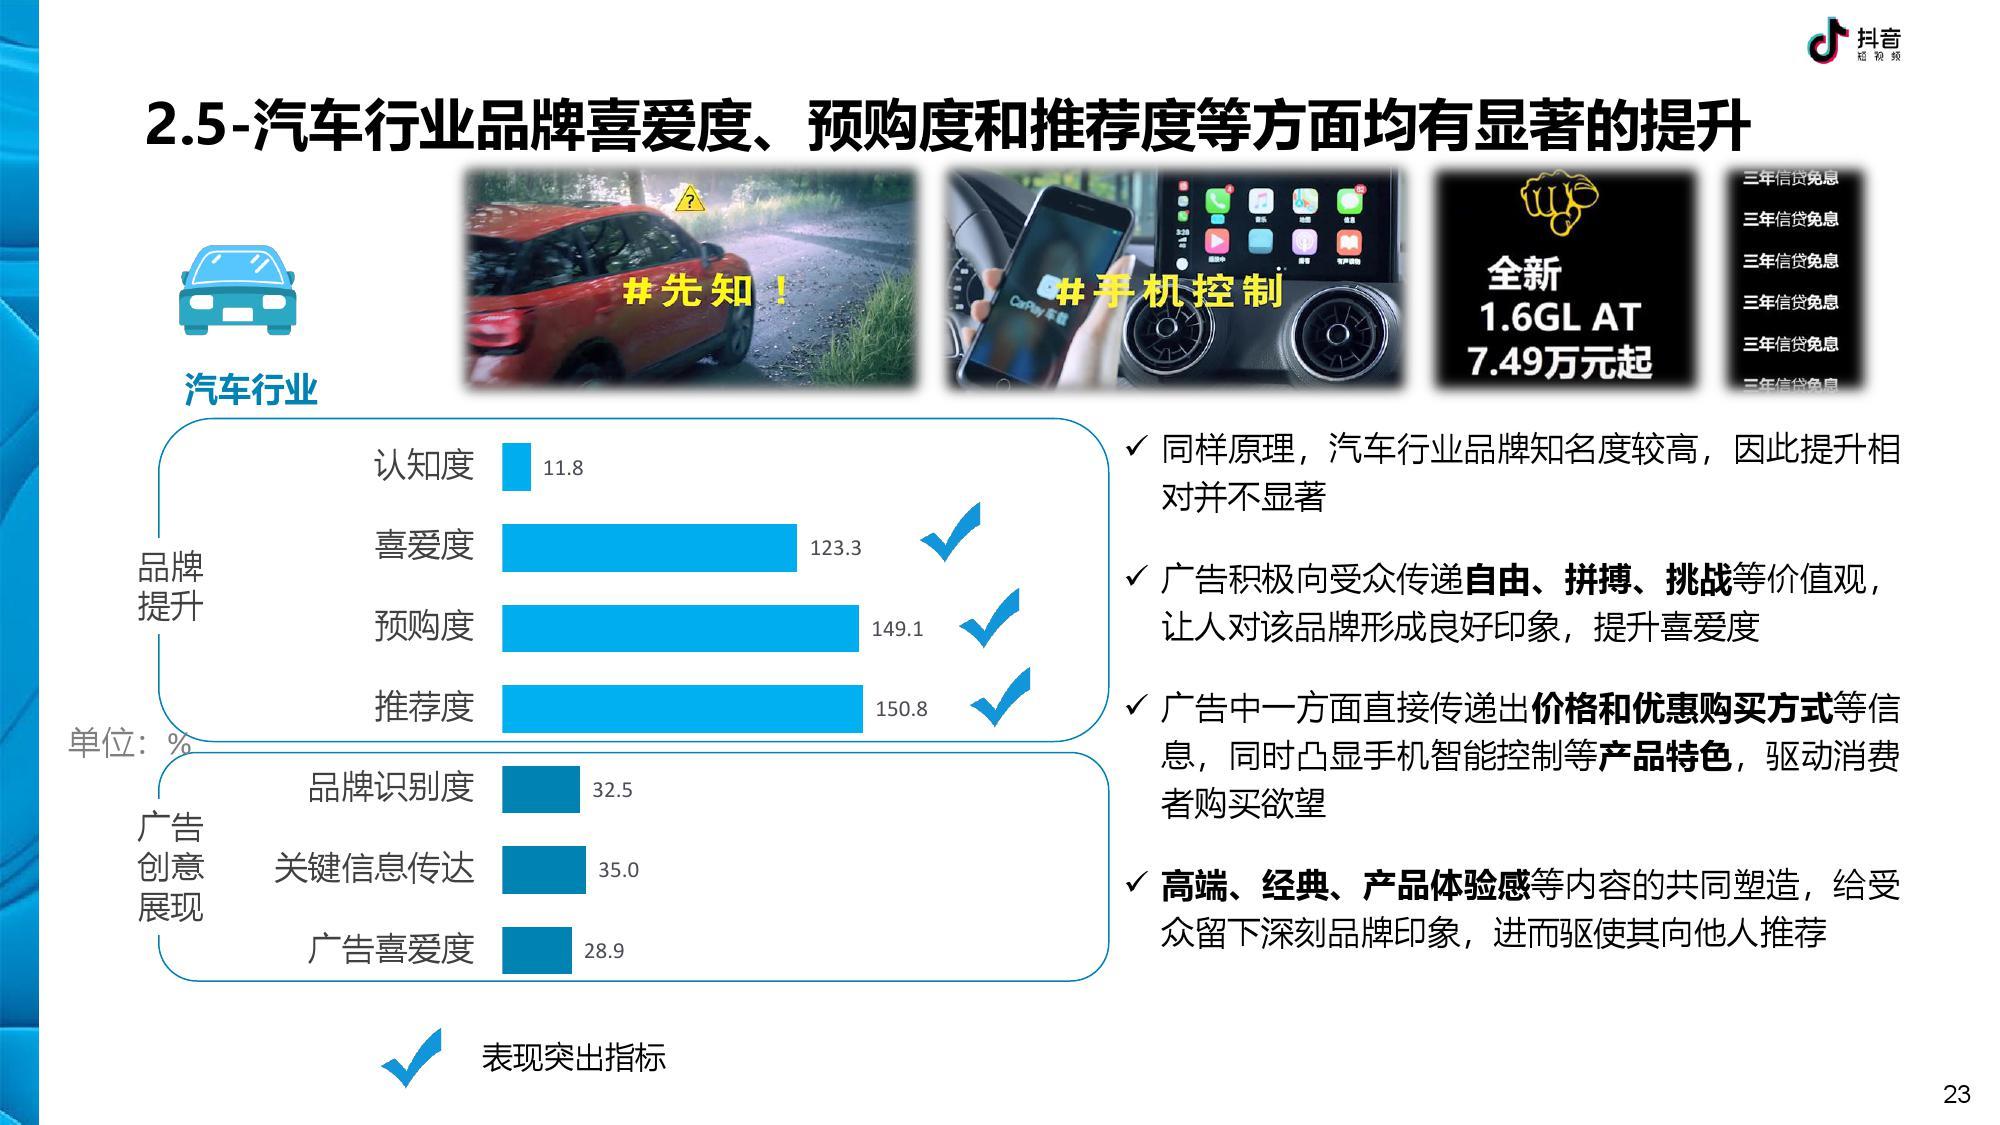 抖音 DTV 广告营销价值白皮书-CNMOAD 中文移动营销资讯 23